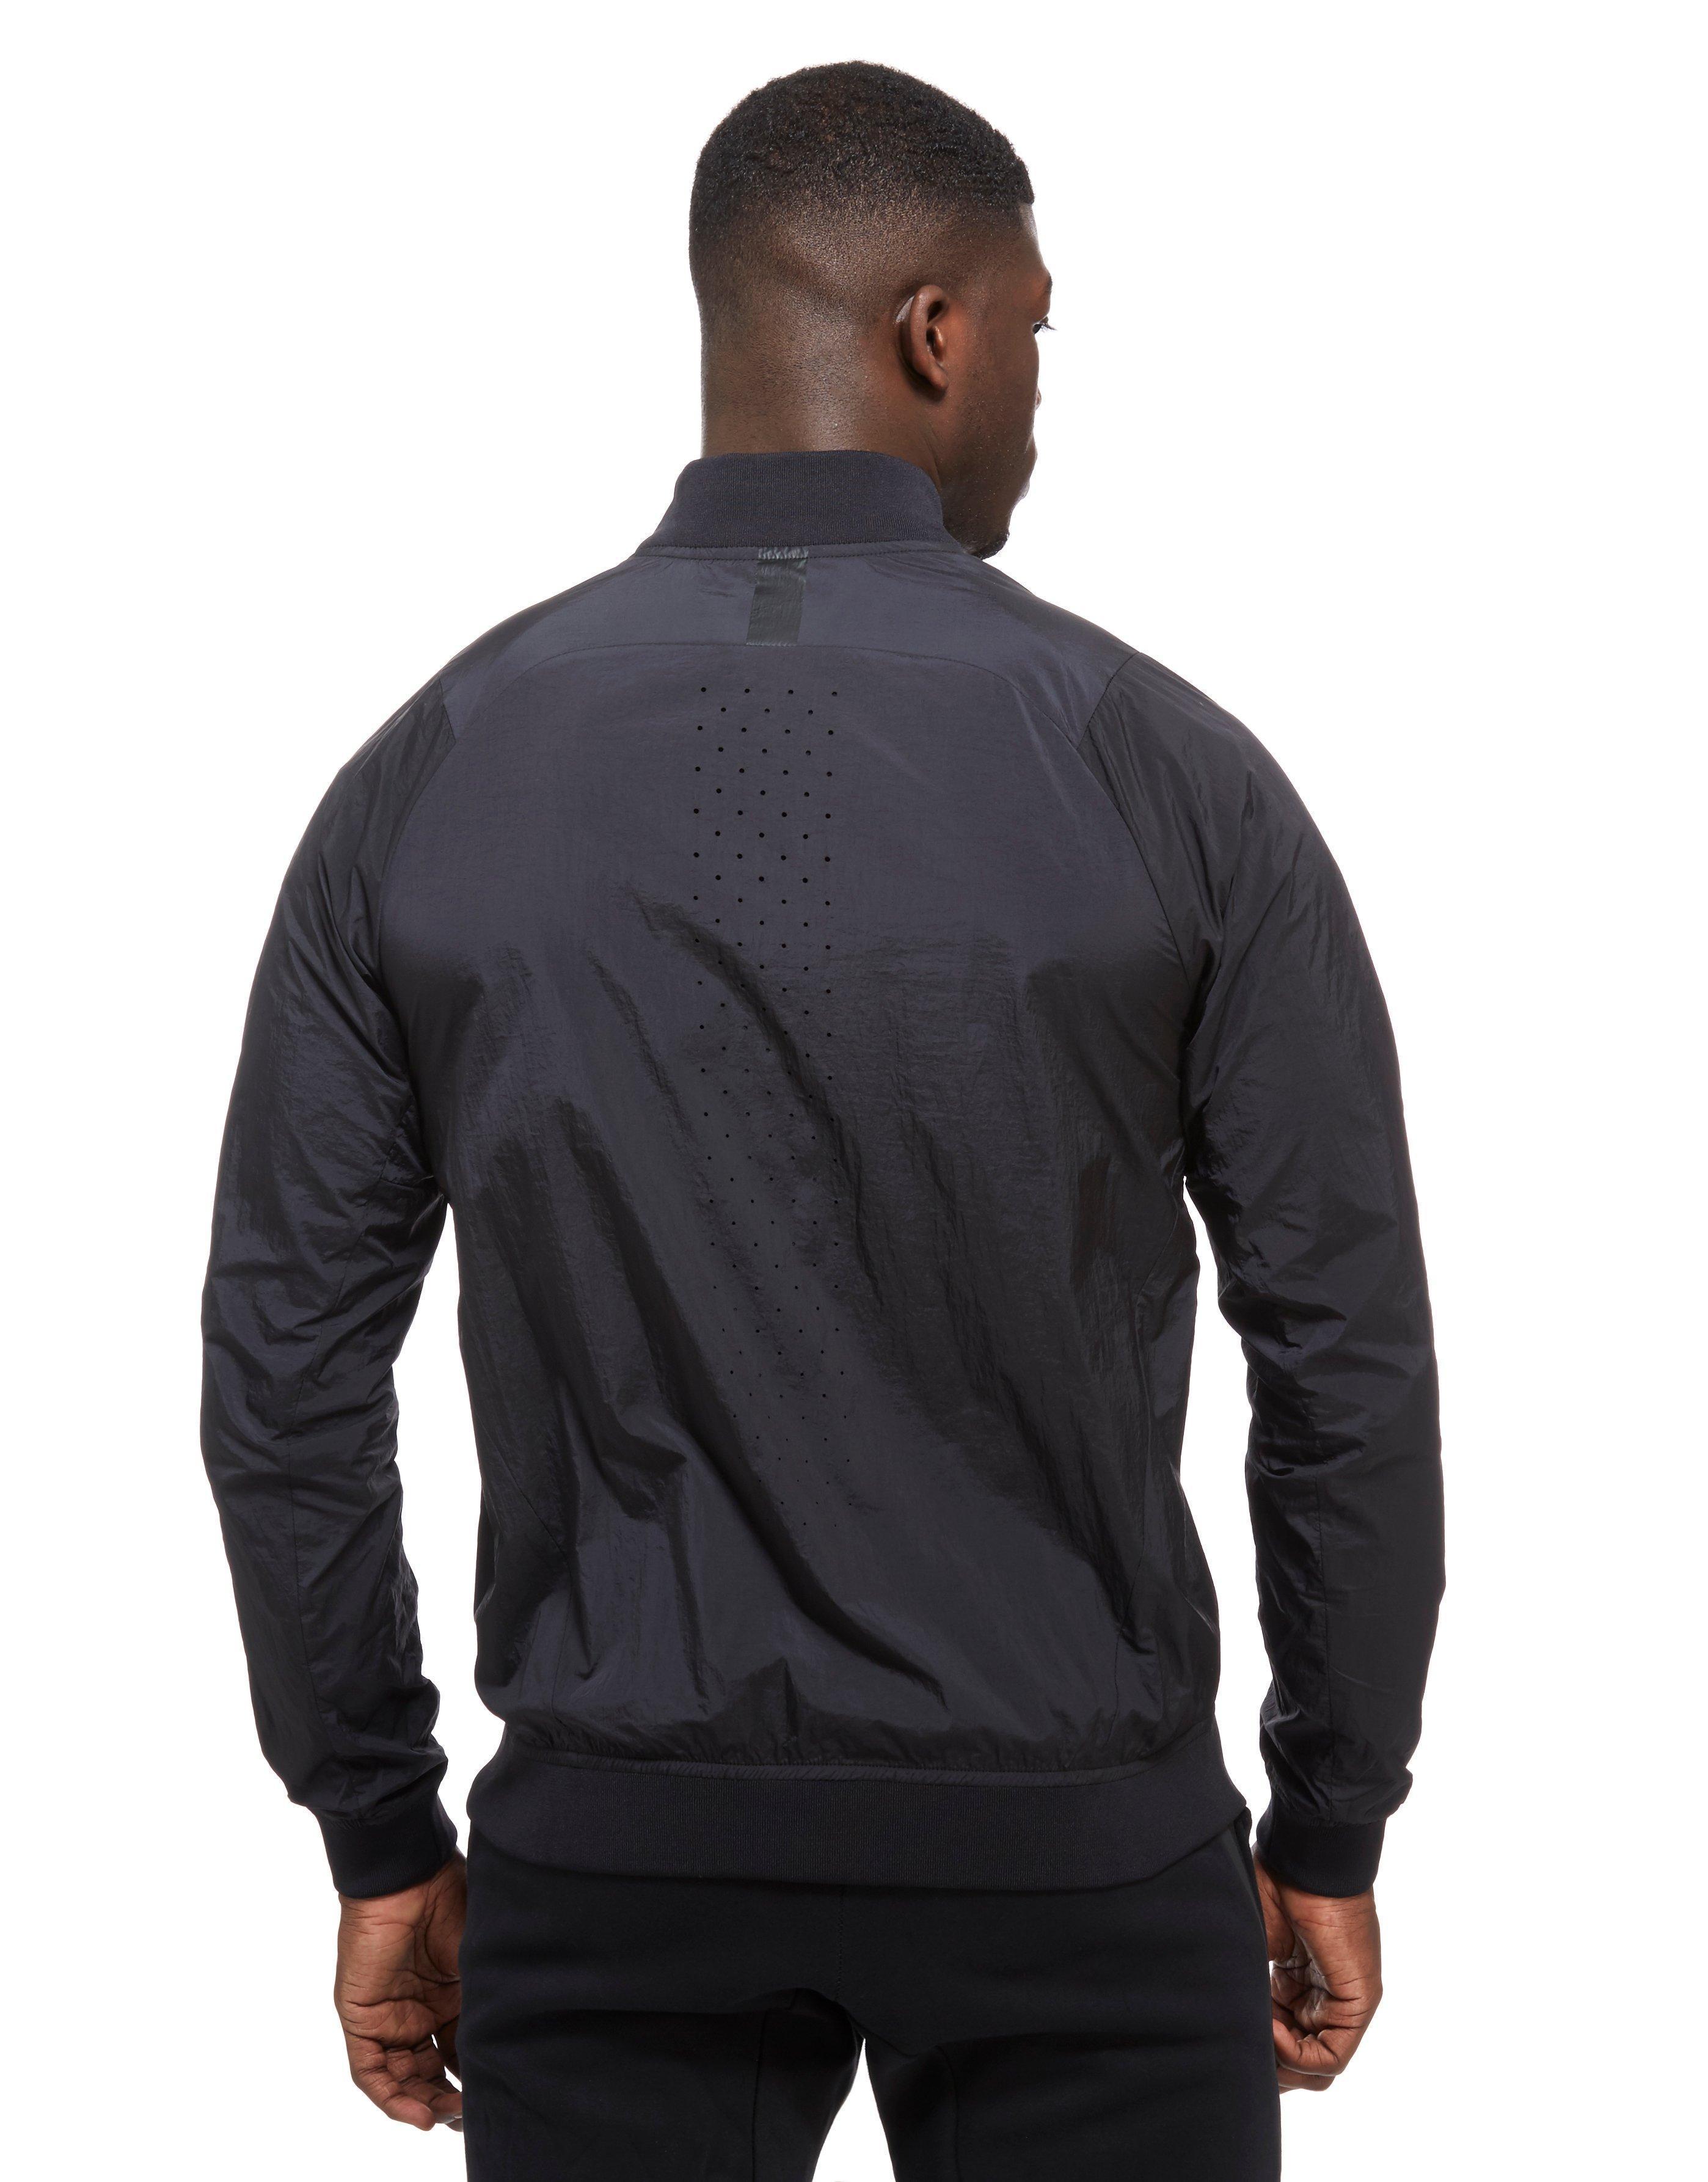 Nike Nike Sportswear tech hypermesh varsity jacket $77 Buy